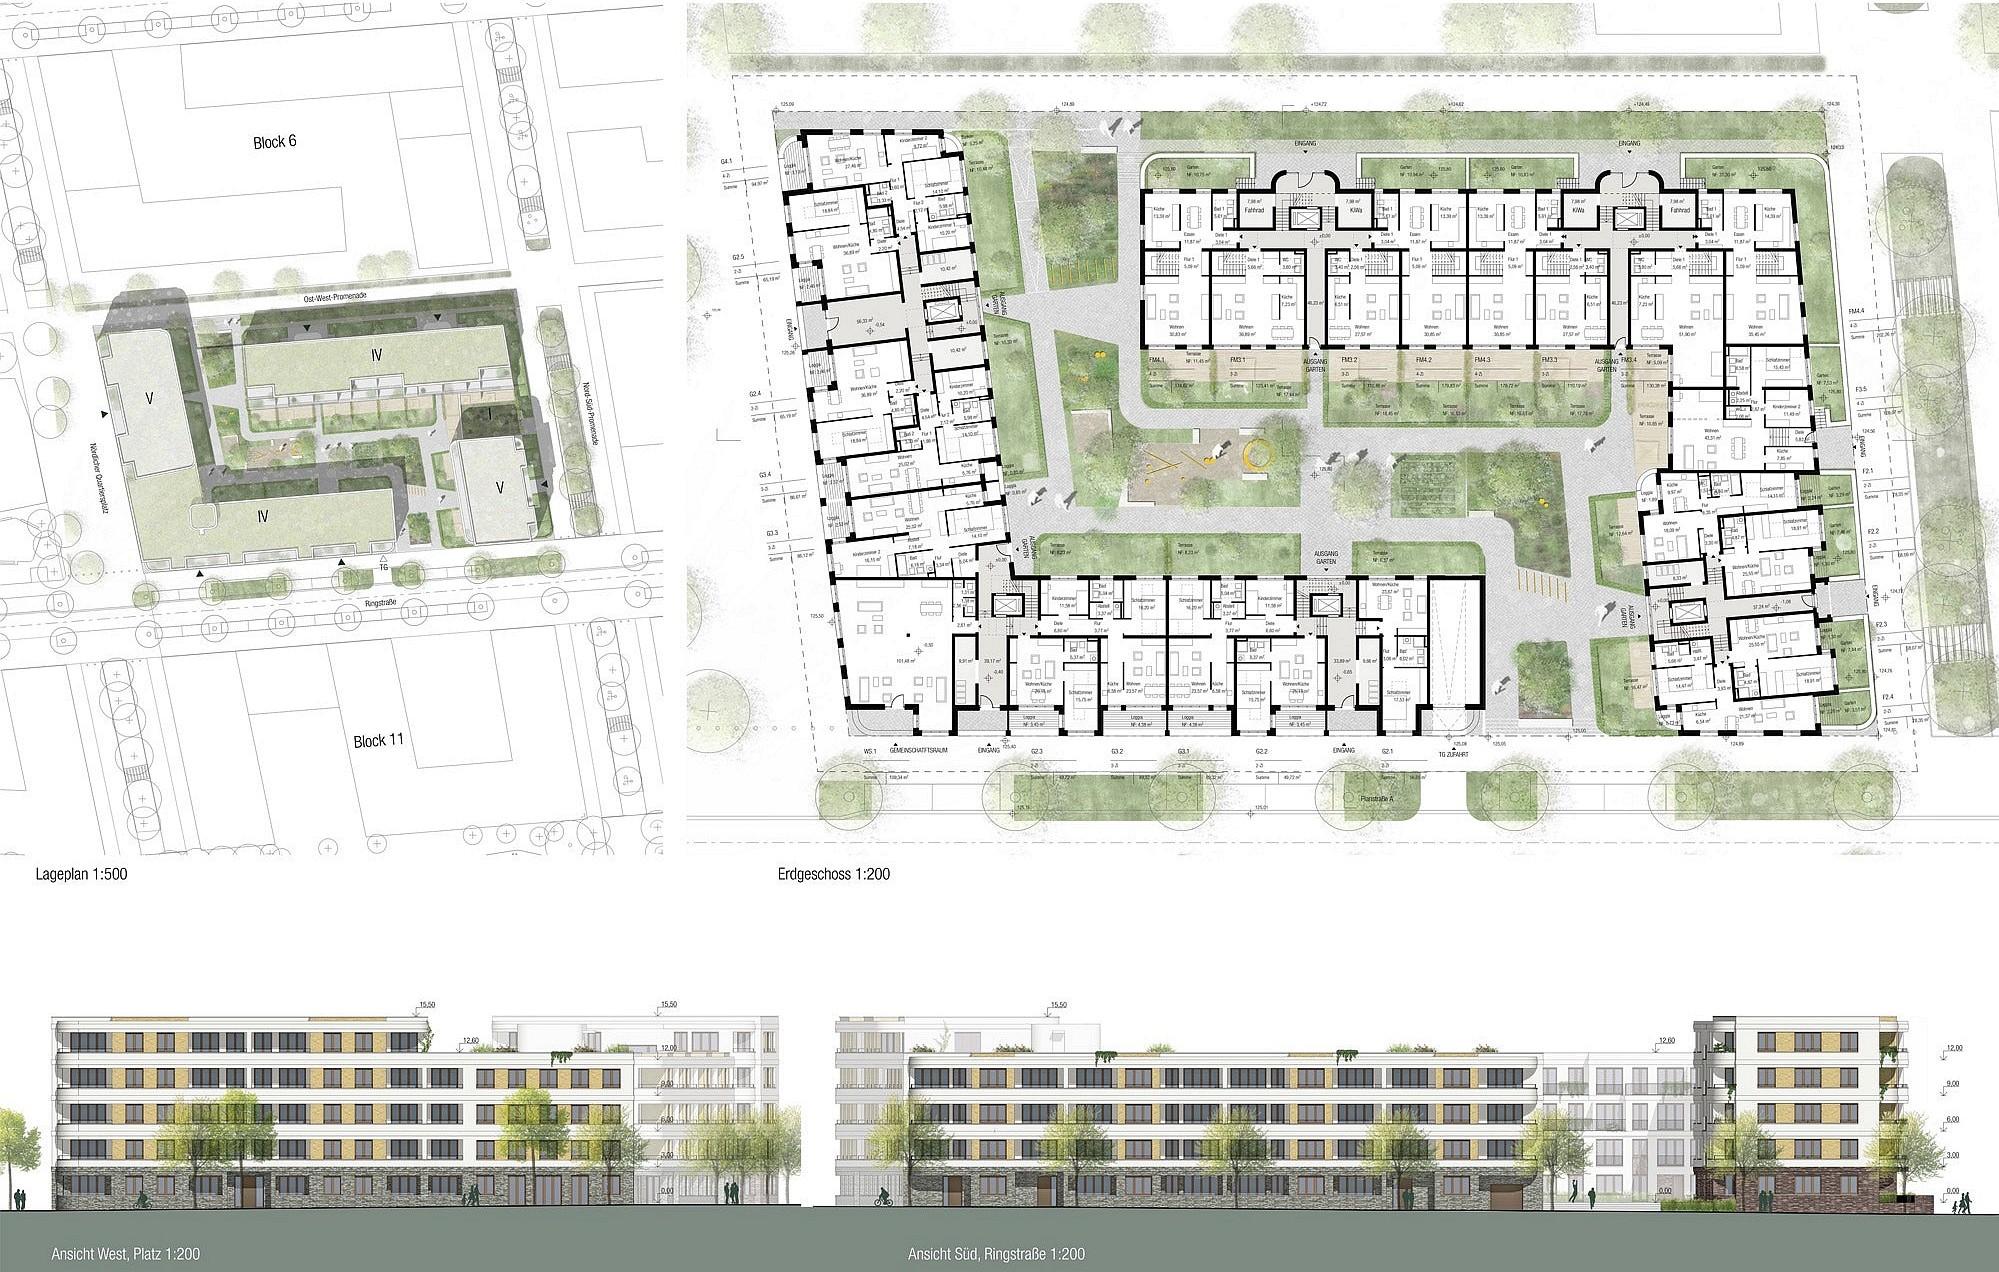 heiligkreuzviertel_mainz_erster-rang_(c)_happarchitecture_02.jpg